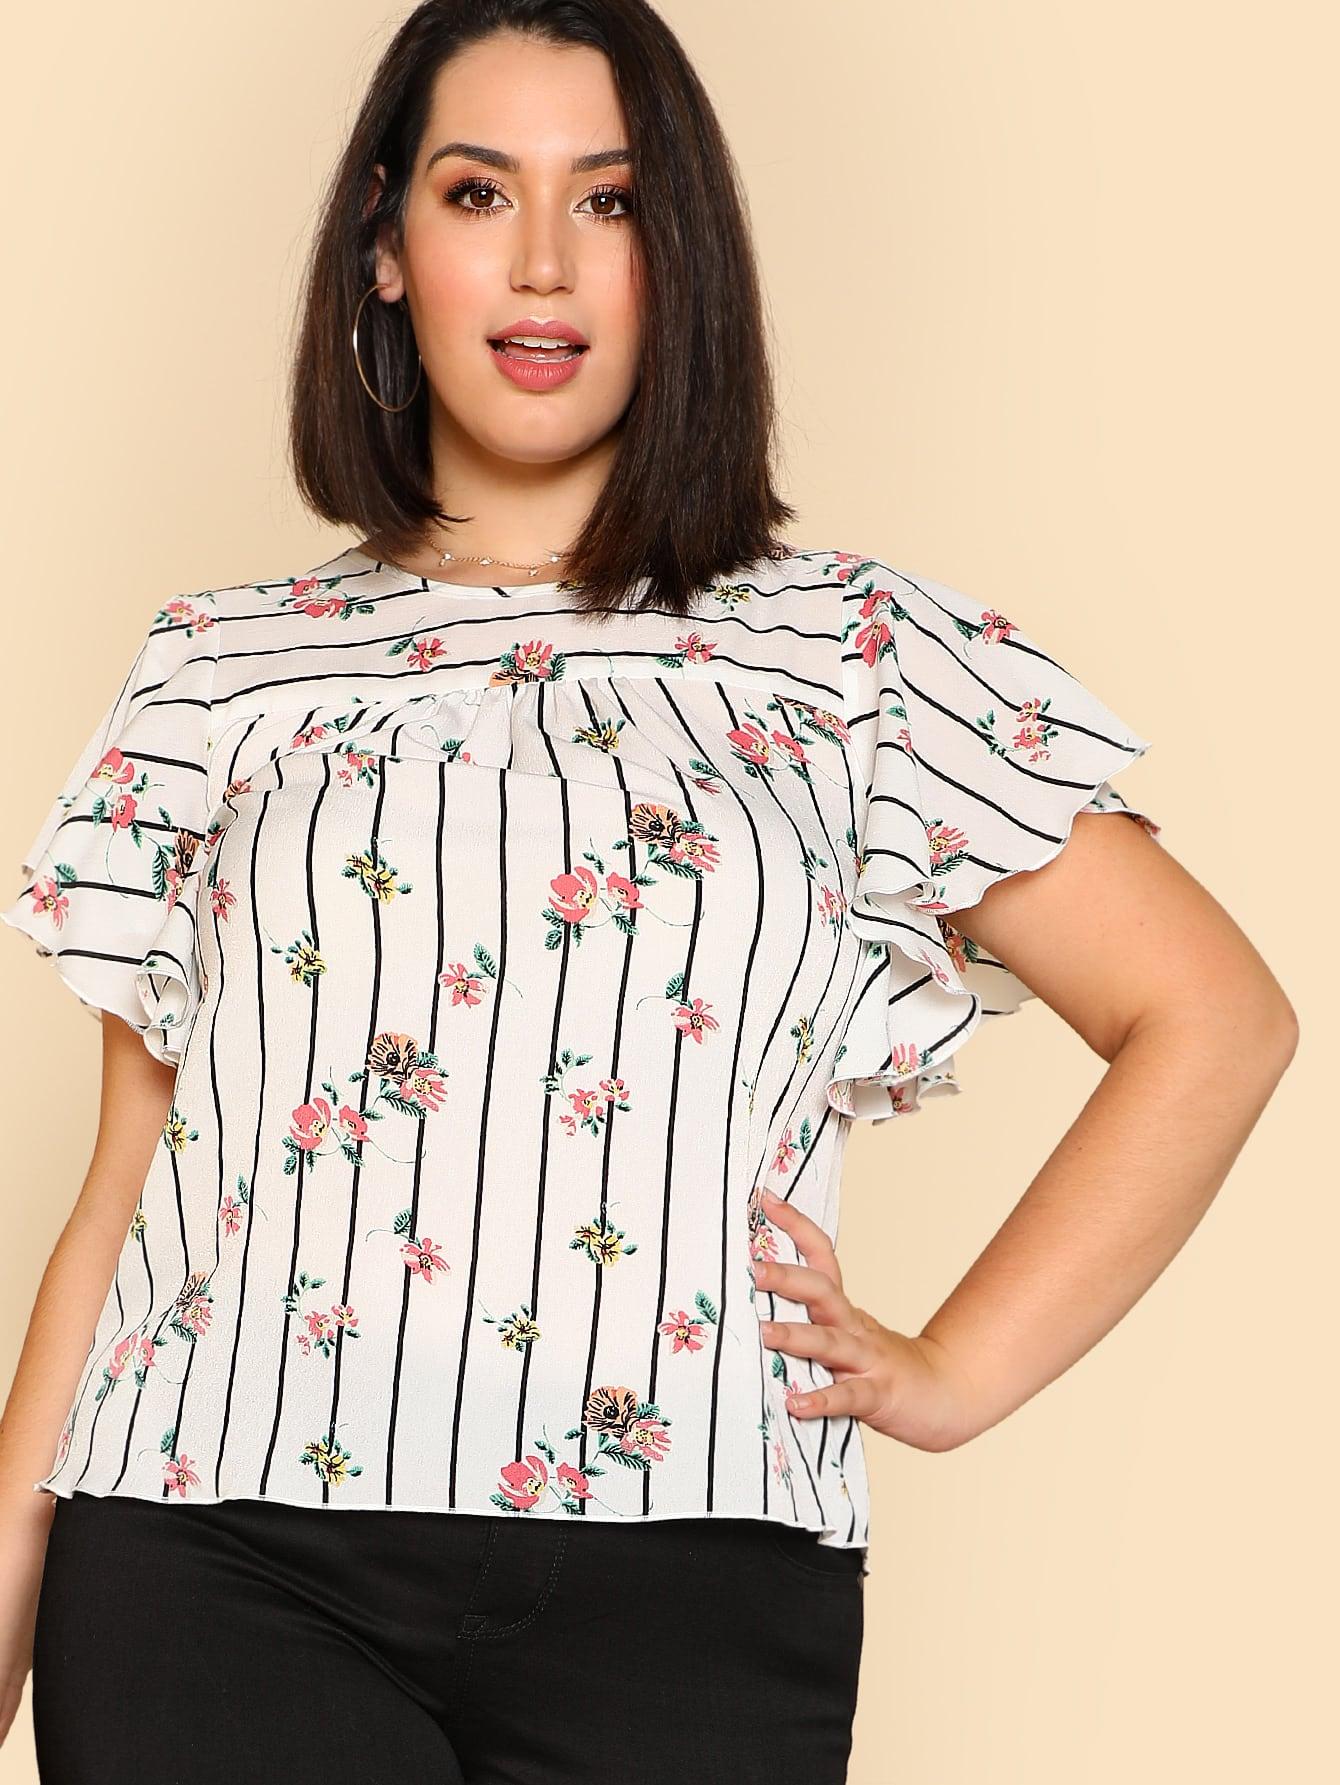 Купить Модный топ в полоску с цветочным принтом, Jessica Lauren, SheIn